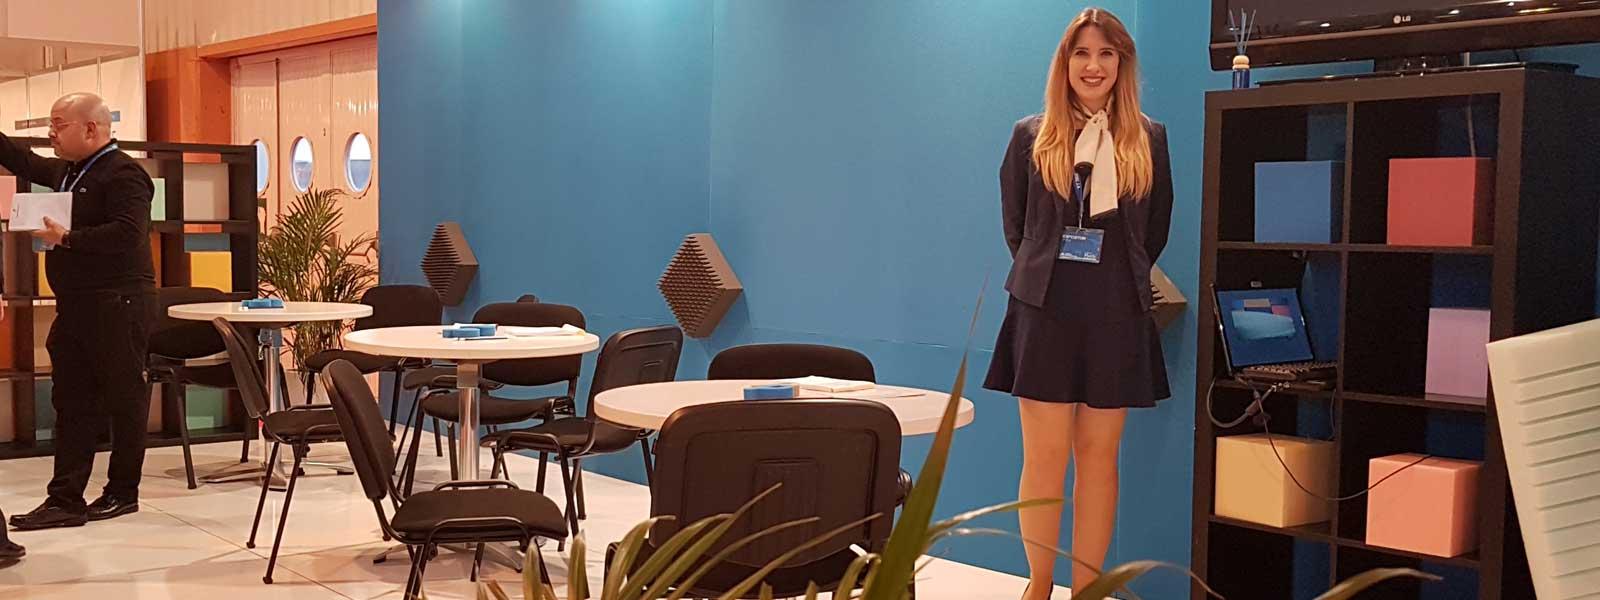 Stand de Pagola Poliuretanos en la Sexta Feria del Mueble de Zaragoza